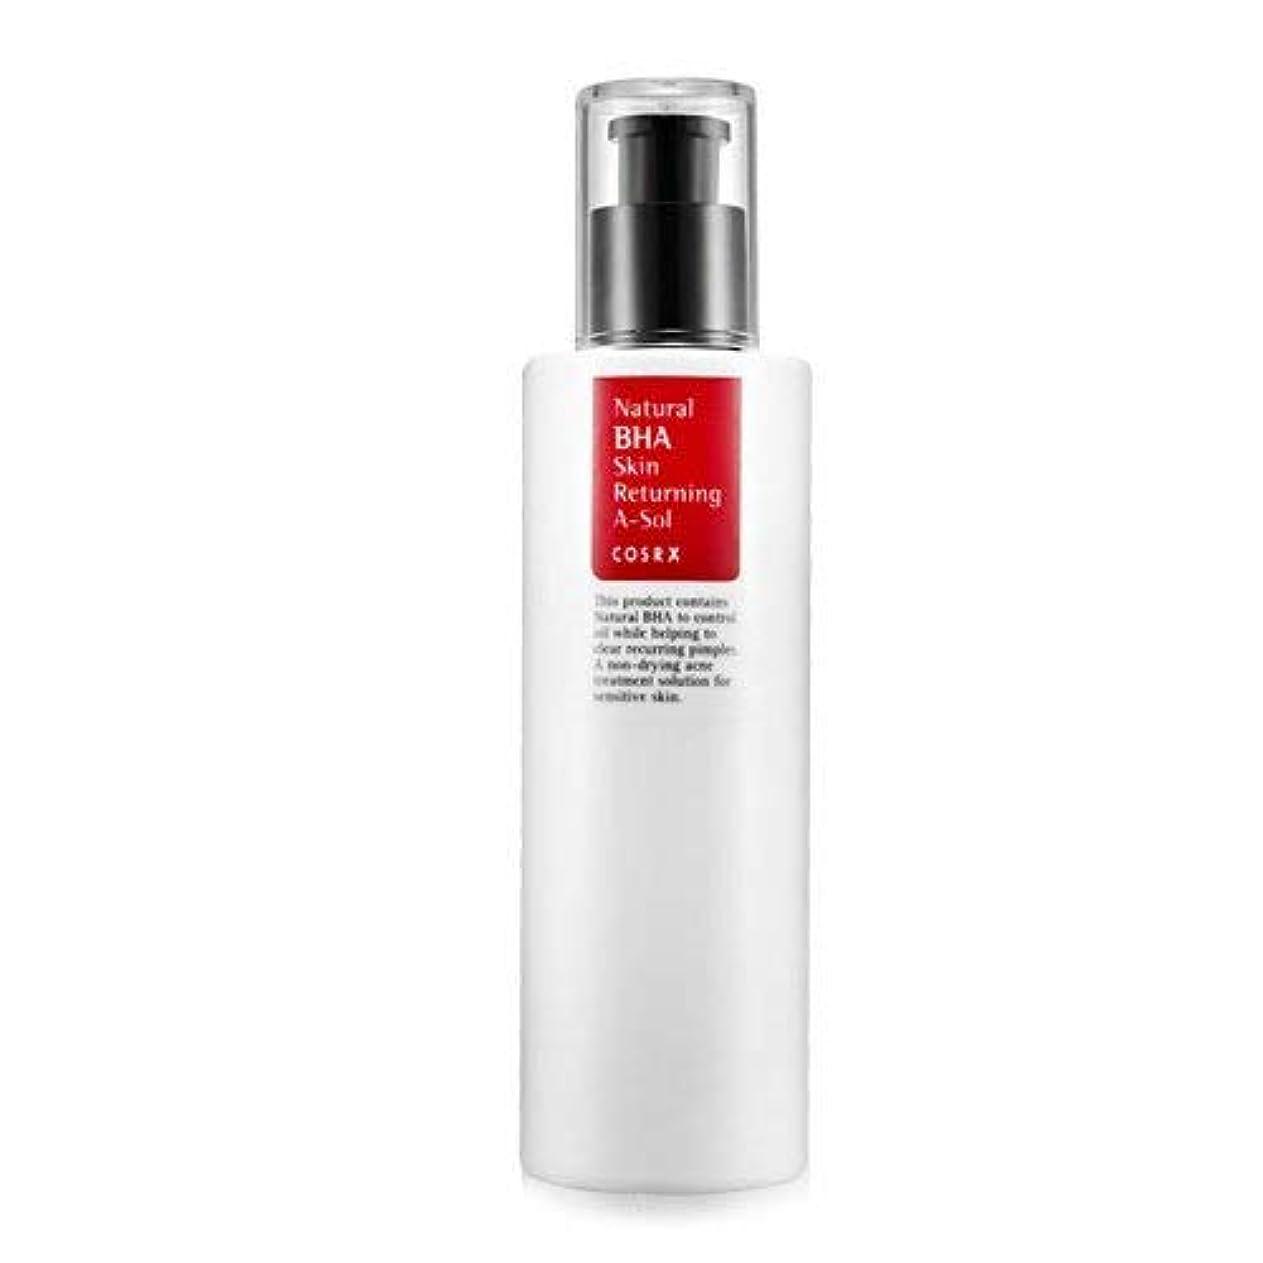 さわやか起こるバルセロナCOSRX ナチュラル BHA スキン リータニング A-sol /Natural BHA Skin Returning A-sol(100ml*6 Pack)